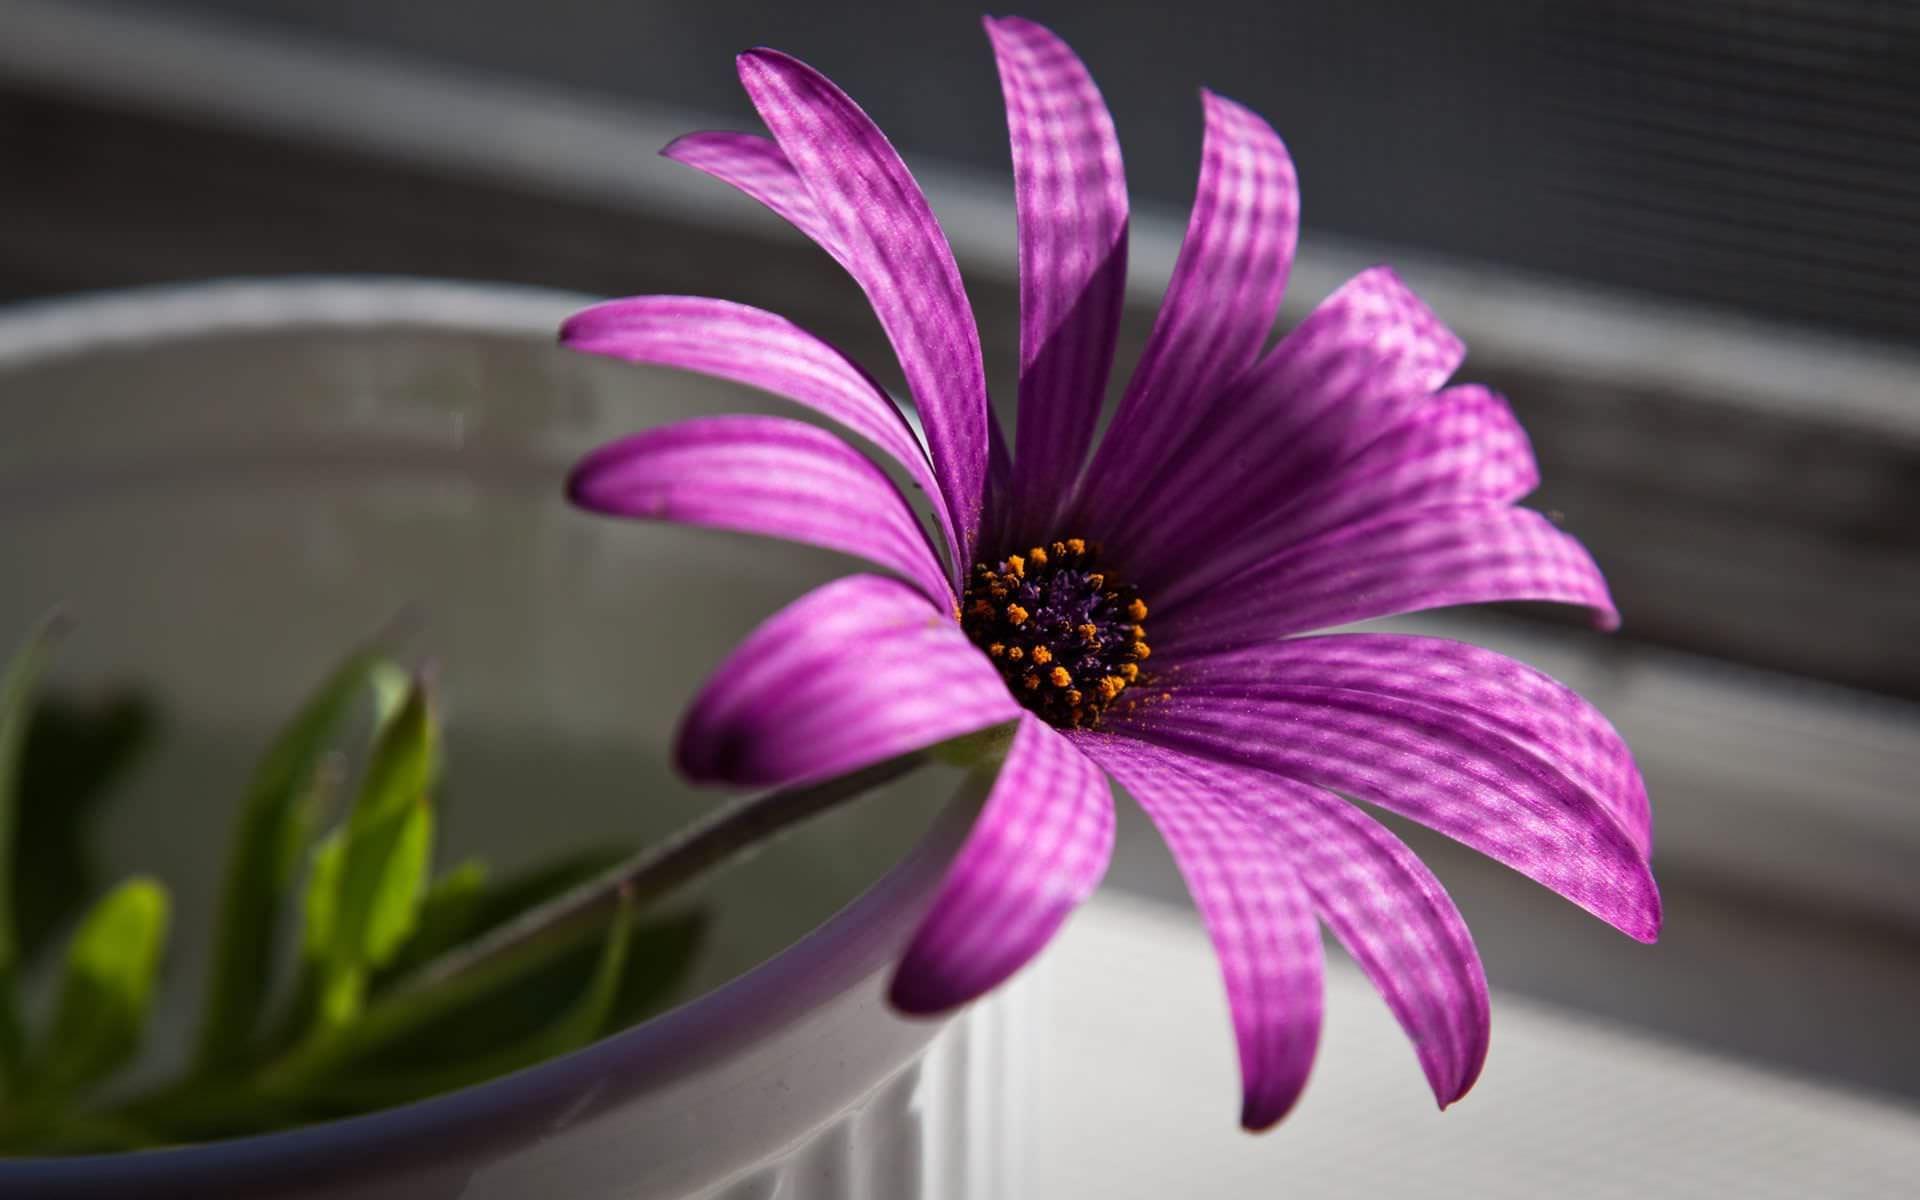 Flower Background for Desktop